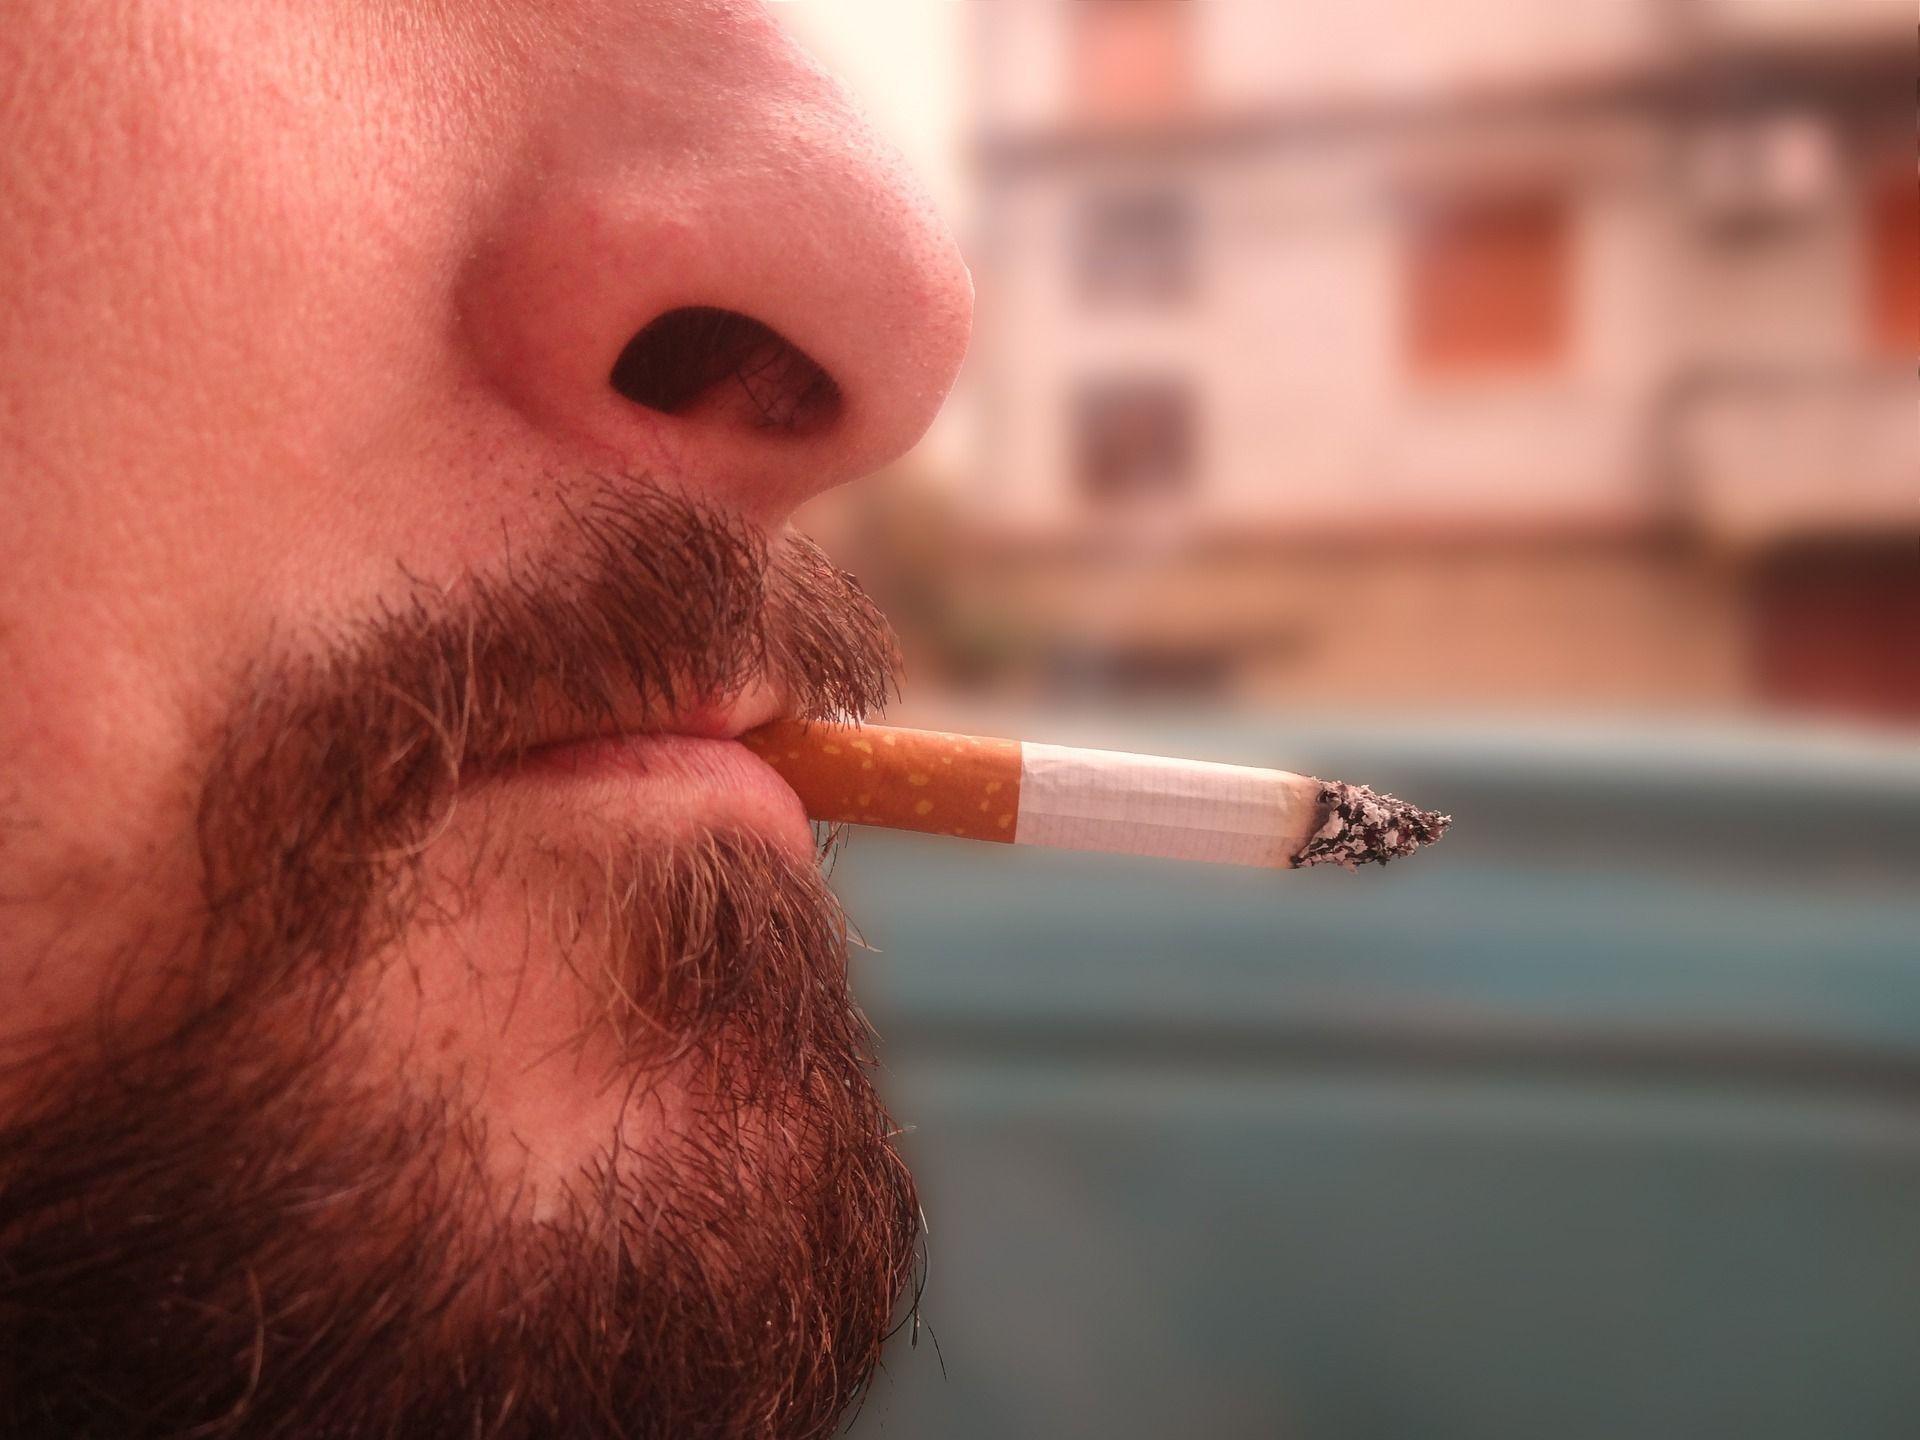 禁煙のメリットは髪にも?薄毛に悩むならぜひ禁煙を!